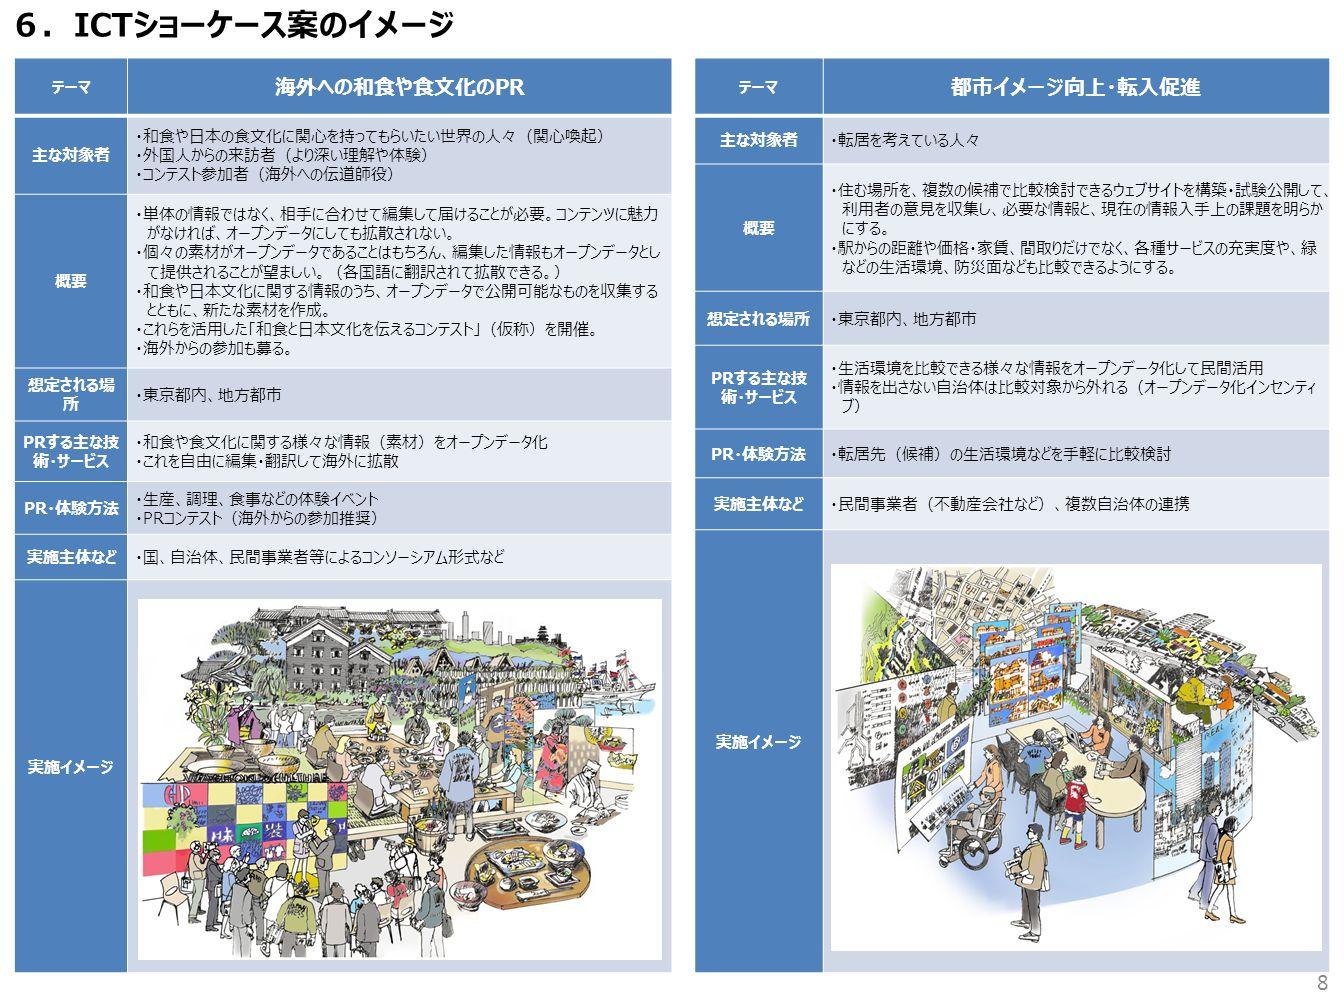 8 6.ICTショーケース案のイメージ テーマ 海外への和食や食文化のPR 主な対象者 ・和食や日本の食文化に関心を持ってもらいたい世界の人々(関心喚起) ・外国人からの来訪者(より深い理解や体験) ・コンテスト参加者(海外への伝道師役) 概要 ・単体の情報ではなく、相手に合わせて編集して届けることが必要。コンテンツに魅力 がなければ、オープンデータにしても拡散されない。 ・個々の素材がオープンデータであることはもちろん、編集した情報もオープンデータとし て提供されることが望ましい。(各国語に翻訳されて拡散できる。) ・和食や日本文化に関する情報のうち、オープンデータで公開可能なものを収集する とともに、新たな素材を作成。 ・これらを活用した「和食と日本文化を伝えるコンテスト」(仮称)を開催。 ・海外からの参加も募る。 想定される場 所 ・東京都内、地方都市 PRする主な技 術・サービス ・和食や食文化に関する様々な情報(素材)をオープンデータ化 ・これを自由に編集・翻訳して海外に拡散 PR・体験方法 ・生産、調理、食事などの体験イベント ・PRコンテスト(海外からの参加推奨) 実施主体など・国、自治体、民間事業者等によるコンソーシアム形式など 実施イメージ テーマ 都市イメージ向上・転入促進 主な対象者・転居を考えている人々 概要 ・住む場所を、複数の候補で比較検討できるウェブサイトを構築・試験公開して、 利用者の意見を収集し、必要な情報と、現在の情報入手上の課題を明らか にする。 ・駅からの距離や価格・家賃、間取りだけでなく、各種サービスの充実度や、緑 などの生活環境、防災面なども比較できるようにする。 想定される場所・東京都内、地方都市 PRする主な技 術・サービス ・生活環境を比較できる様々な情報をオープンデータ化して民間活用 ・情報を出さない自治体は比較対象から外れる(オープンデータ化インセンティ ブ) PR・体験方法・転居先(候補)の生活環境などを手軽に比較検討 実施主体など・民間事業者(不動産会社など)、複数自治体の連携 実施イメージ